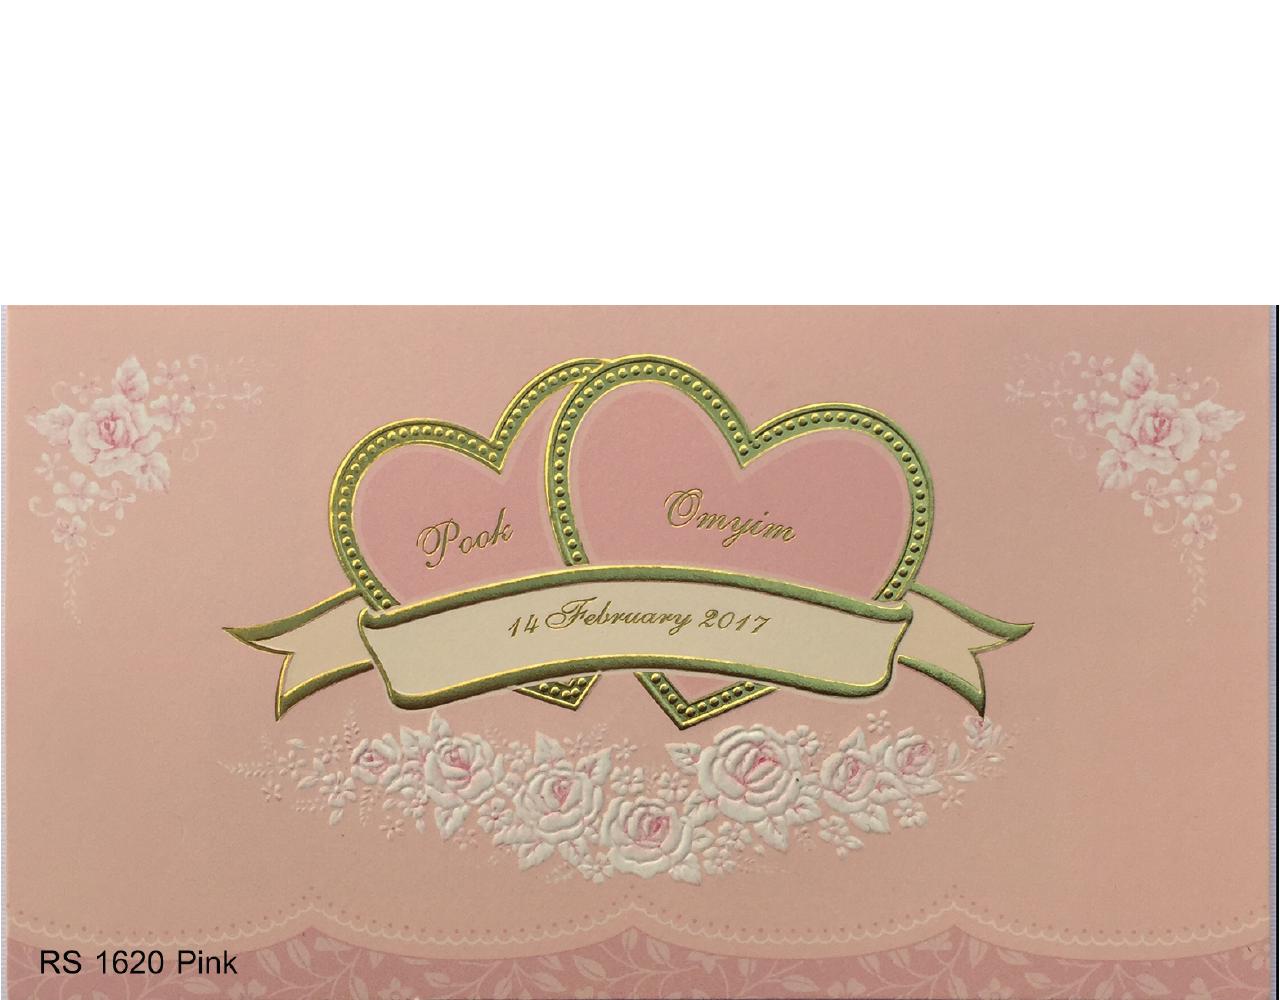 การ์ดแต่งงาน การ์ดเชิญแต่งงาน สีครีมชมพู ราคาถูก ปั๊มนูนรูปหัวใจ wedding card 4x7.5 inch RS.1620